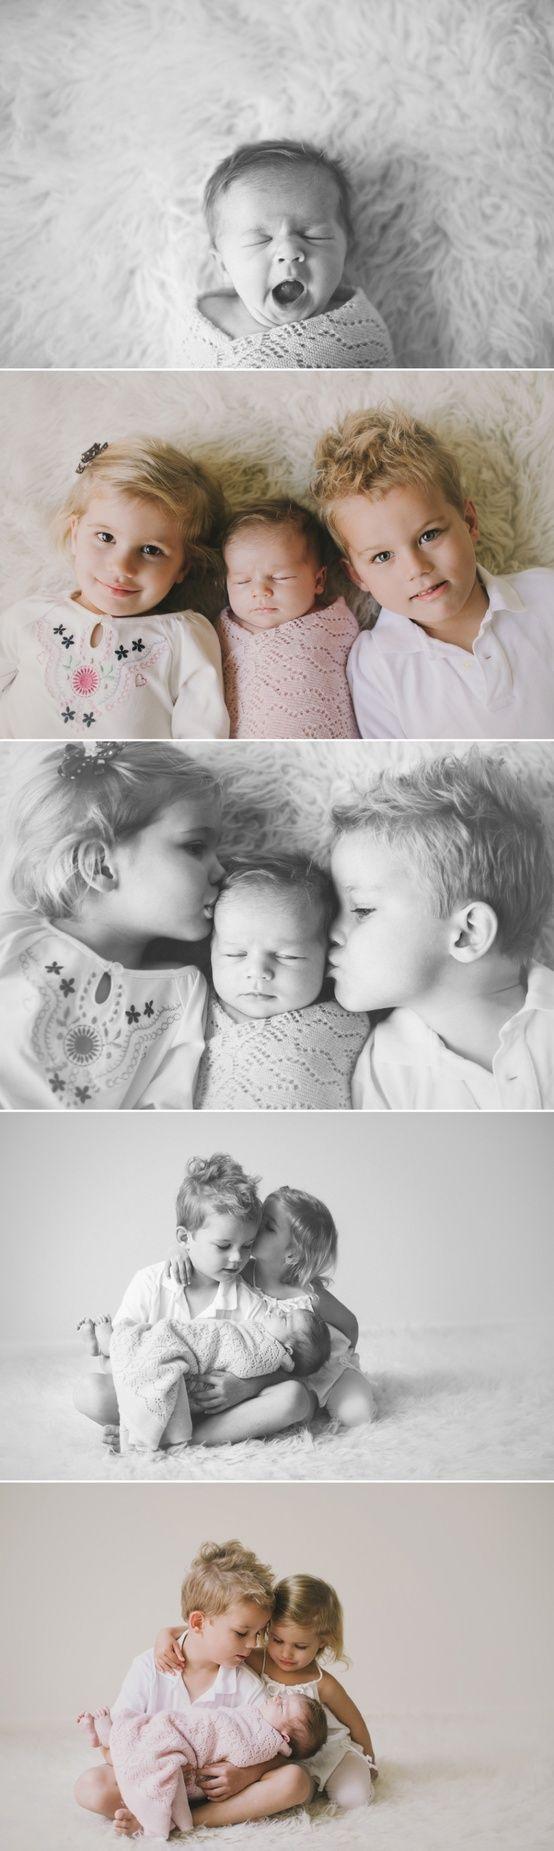 l'amour entre frères et sœurs <3